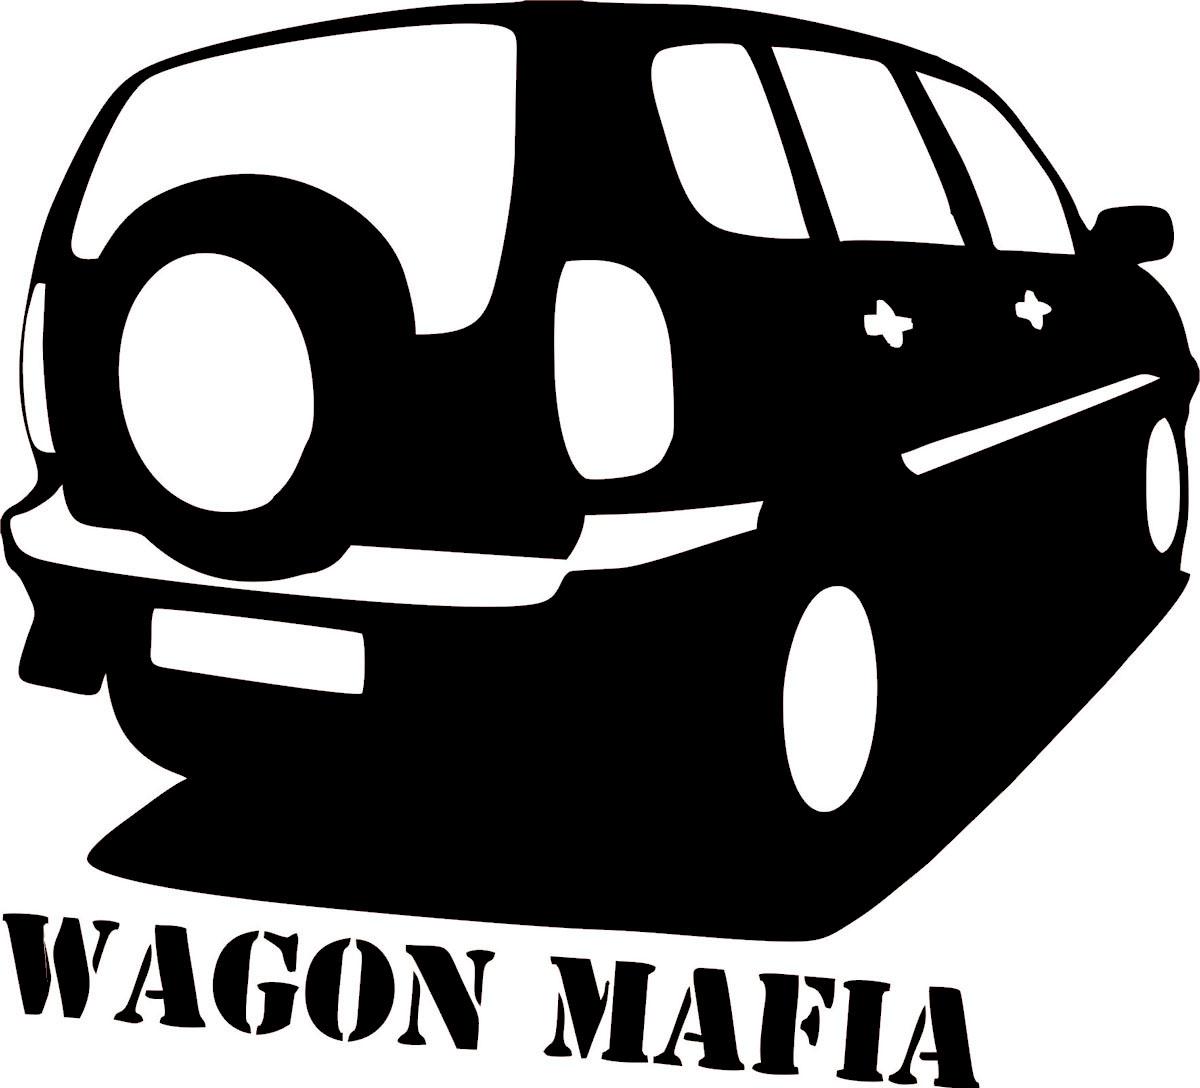 Наклейка автомобильная Оранжевый слоник Wagon Mafia 1, виниловая, цвет: черныйВетерок 2ГФОригинальная наклейка Оранжевый слоник Wagon Mafia 1 изготовлена из высококачественной виниловой пленки, которая выполняет не только декоративную функцию, но и защищает кузов автомобиля от небольших механических повреждений, либо скрывает уже существующие.Виниловые наклейки на автомобиль - это не только красиво, но еще и быстро! Всего за несколько минут вы можете полностью преобразить свой автомобиль, сделать его ярким, необычным, особенным и неповторимым!